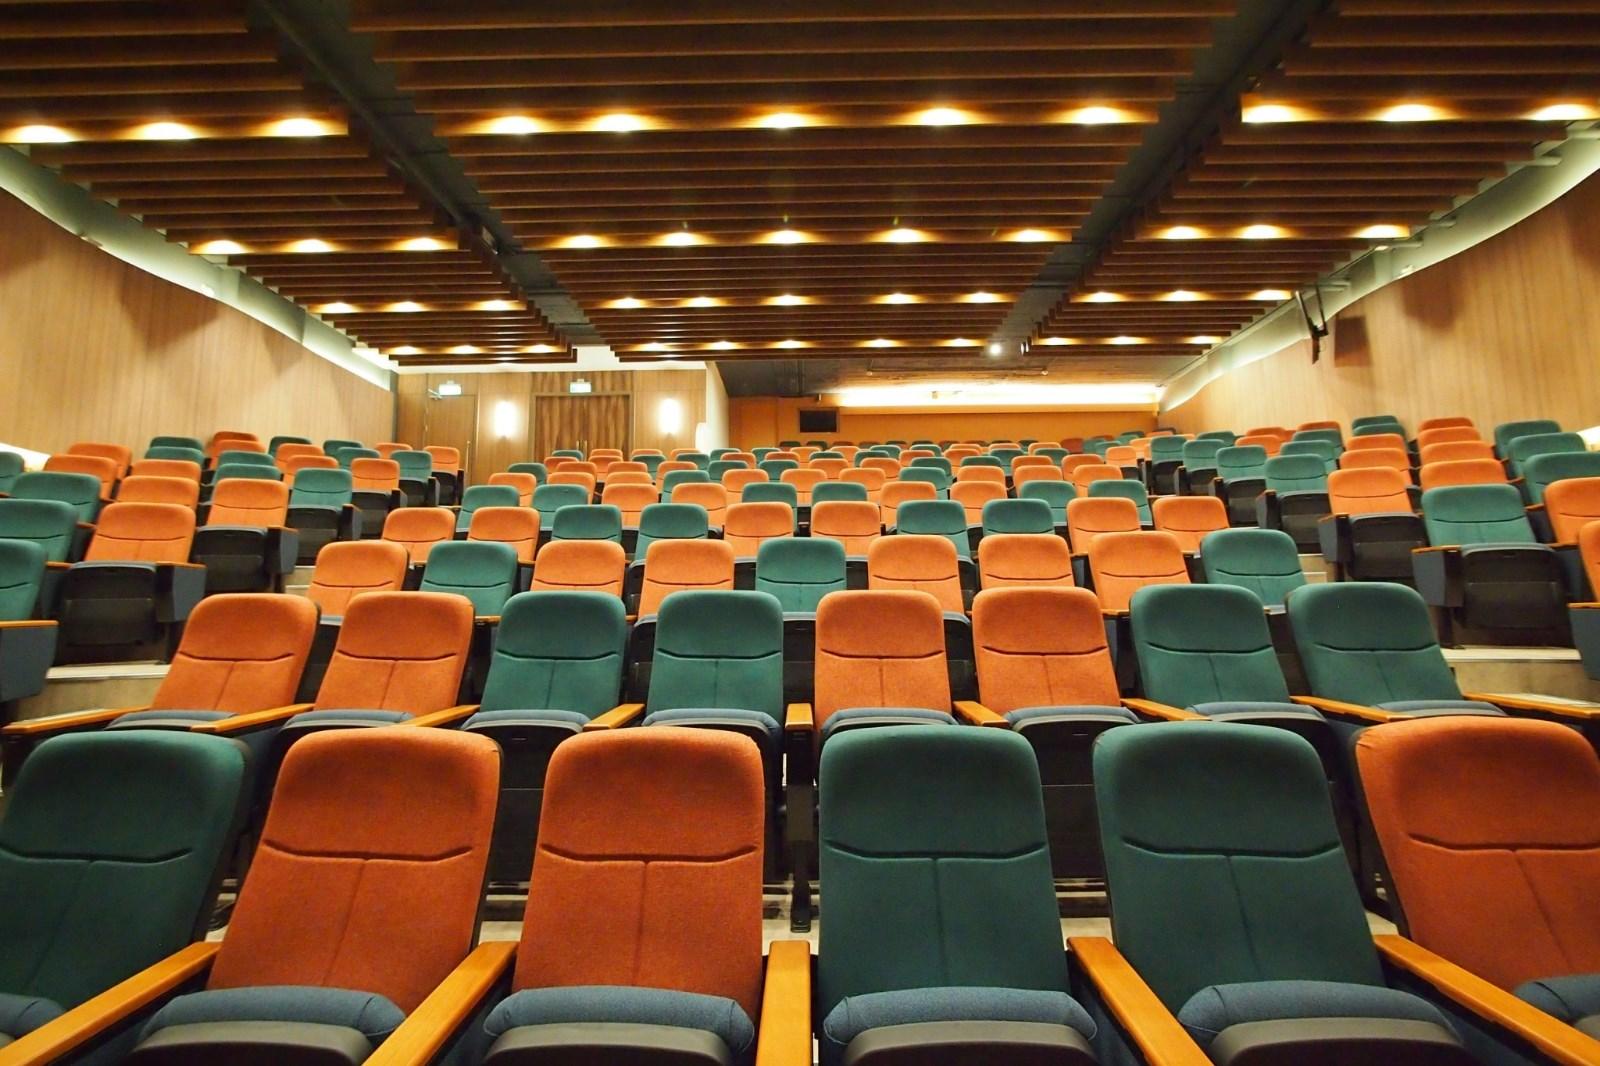 金榮商學講堂空間設計溫馨、活潑 低調又有質感.jpg